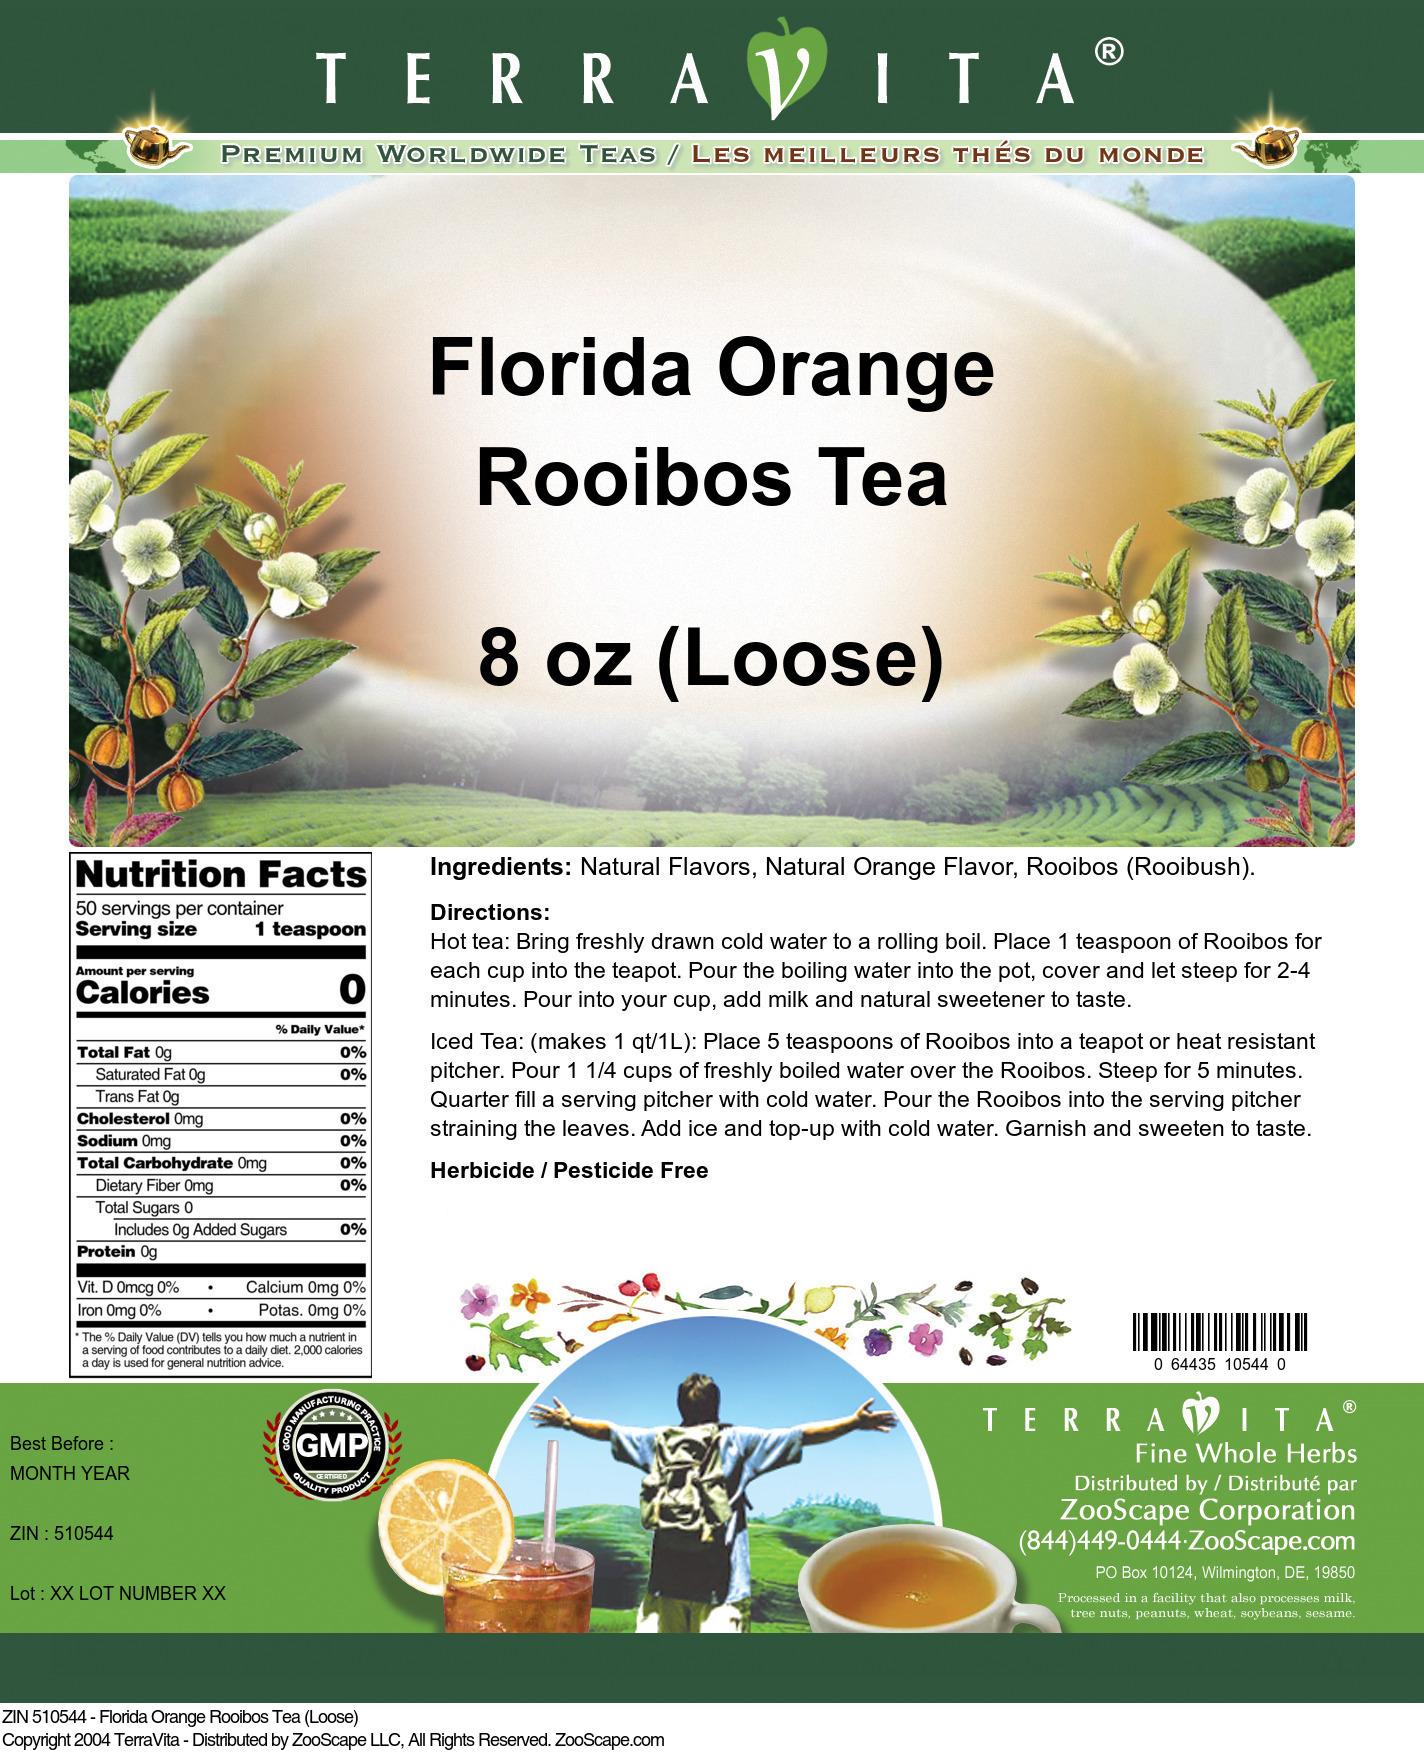 Florida Orange Rooibos